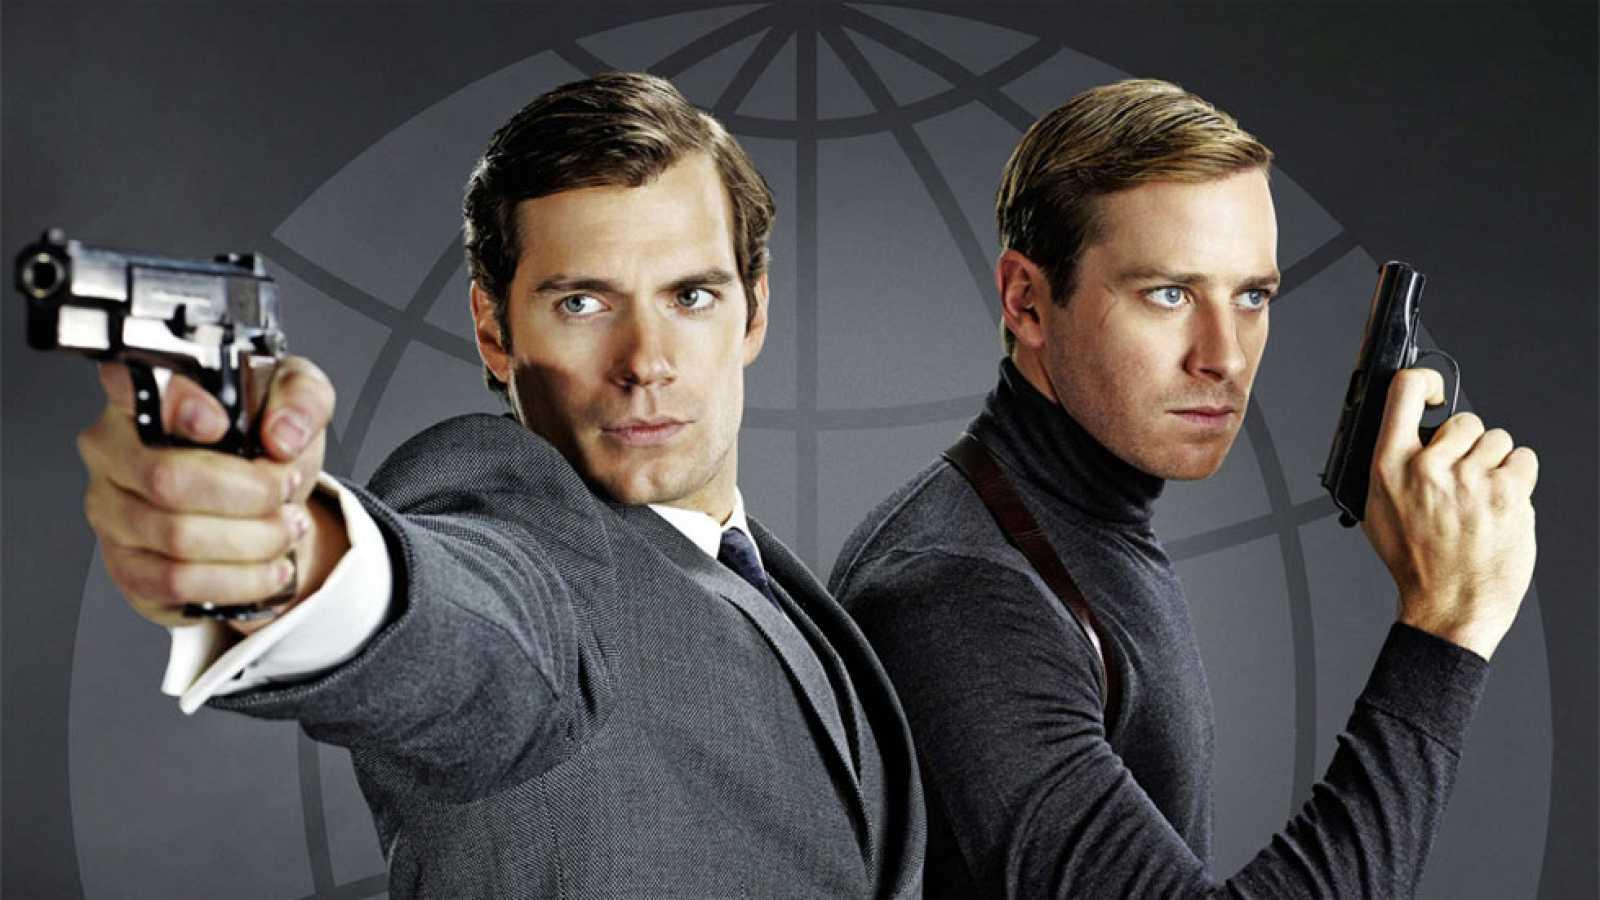 Guy Richie vuelve a la dirección con una película de acción que narra las aventuras de dos agentes secretos, uno ruso y otro estadounidense, durante el periodo de la guerra fría.